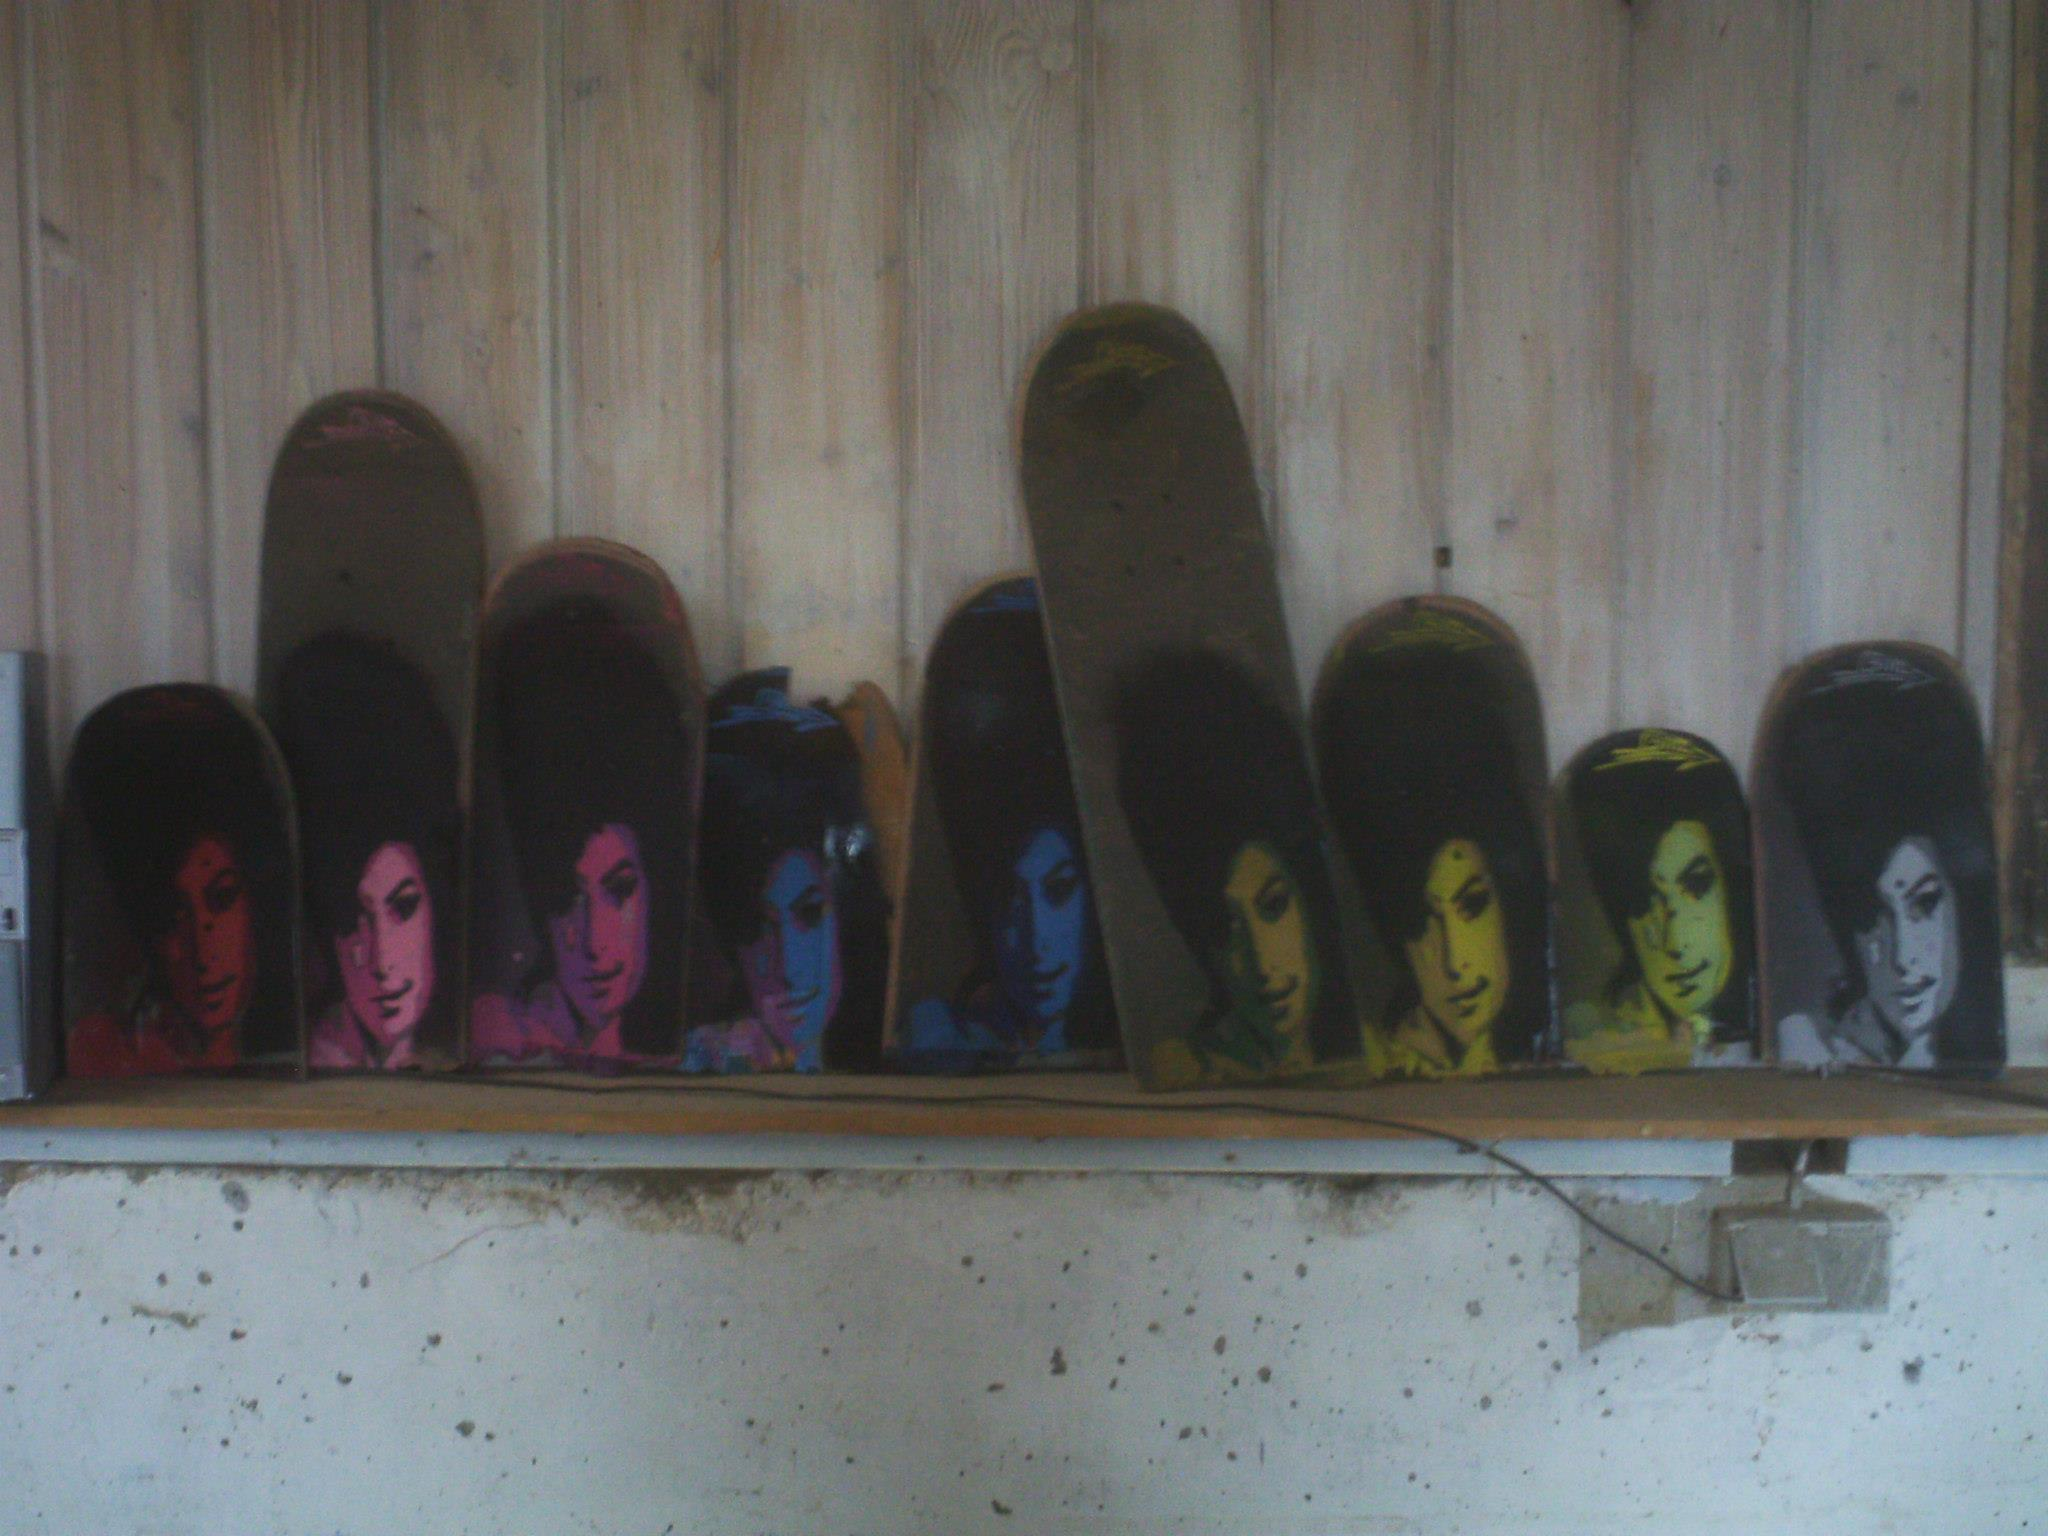 Ami Winehouse auf Skateboard-Decks - Stencil-Art von BÄM